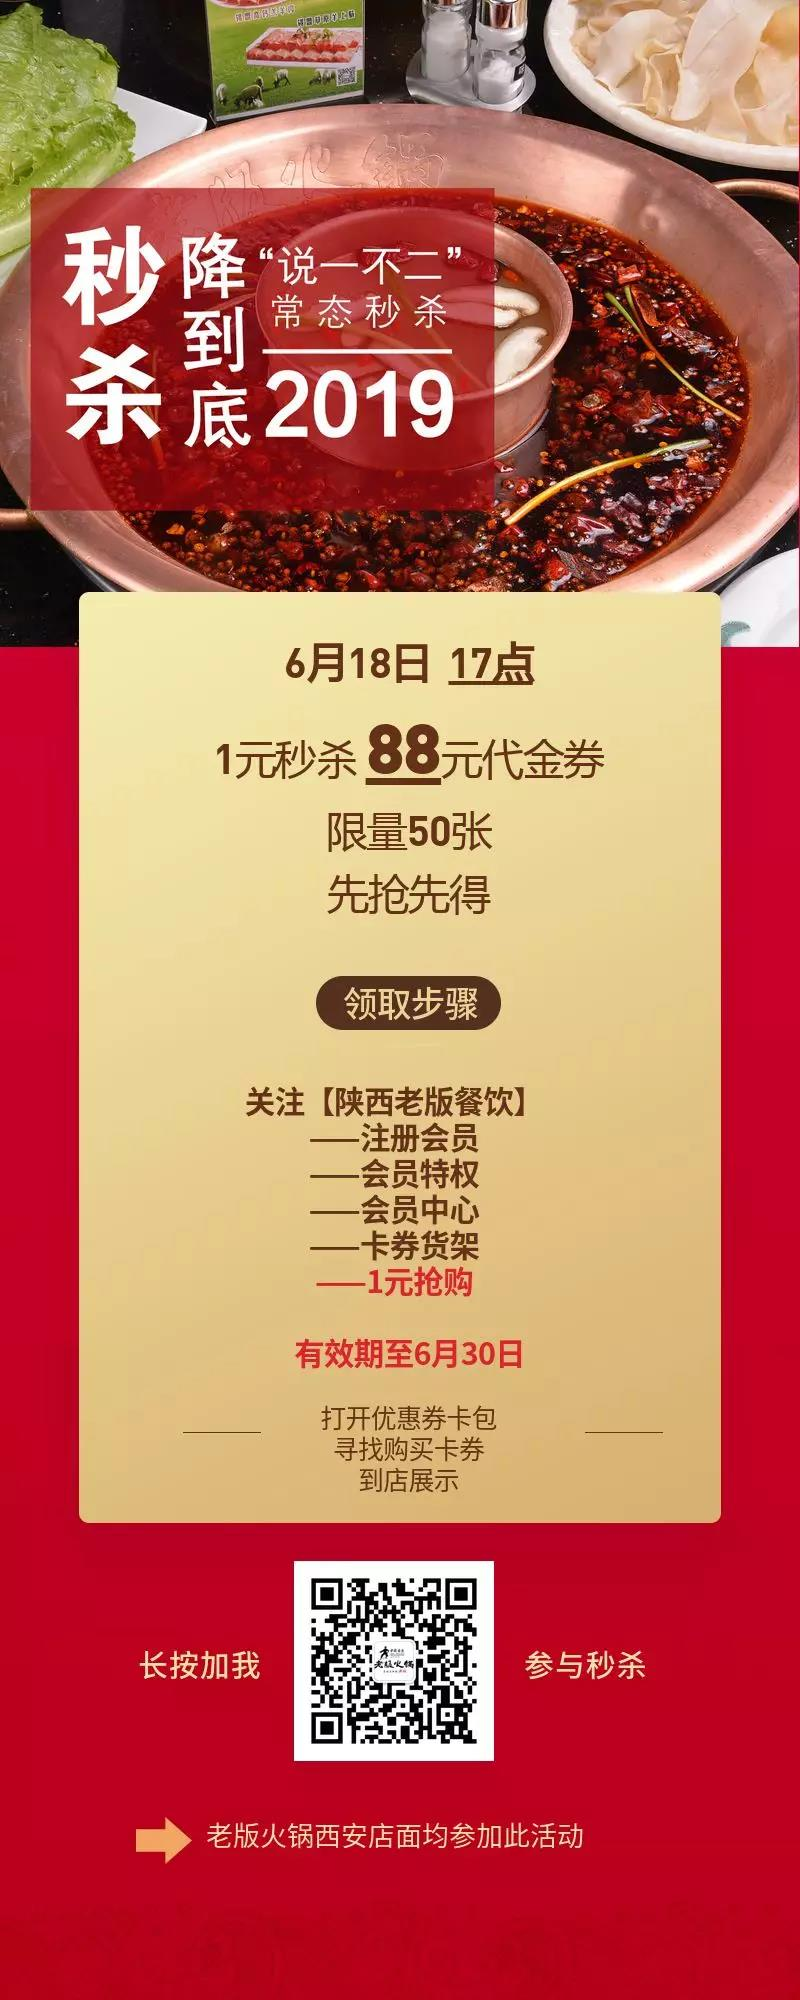 【1元秒杀 】17点抢购(图1)